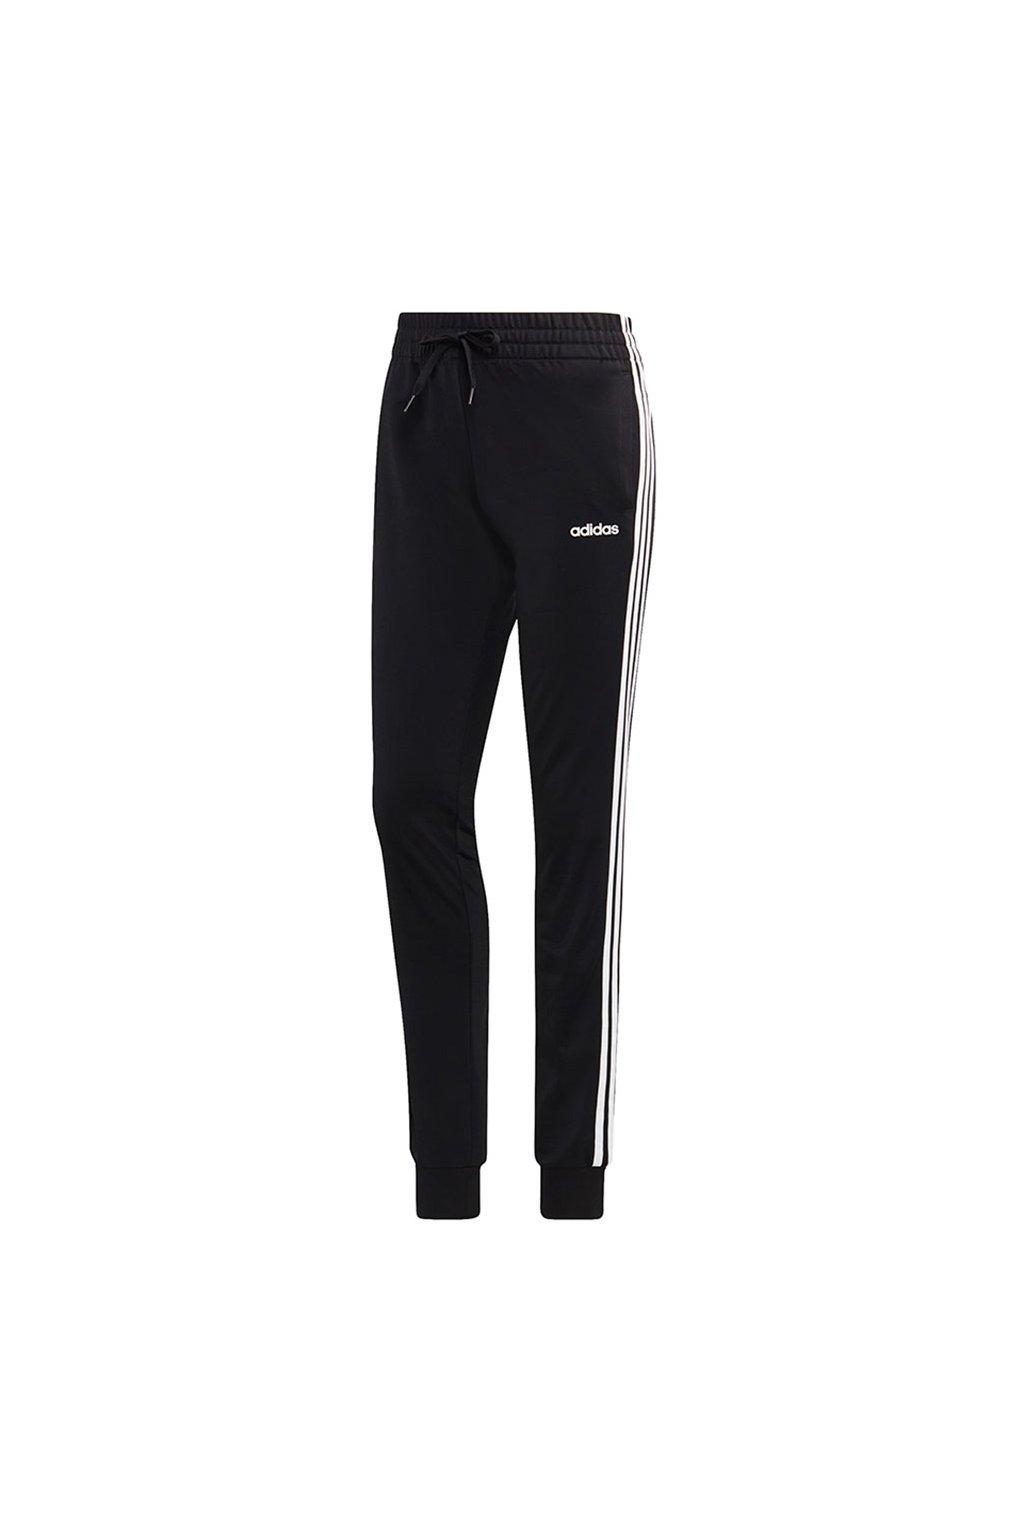 Dámske nohavice Adidas Essentials Tricot Pant Cuff čierne DP2382